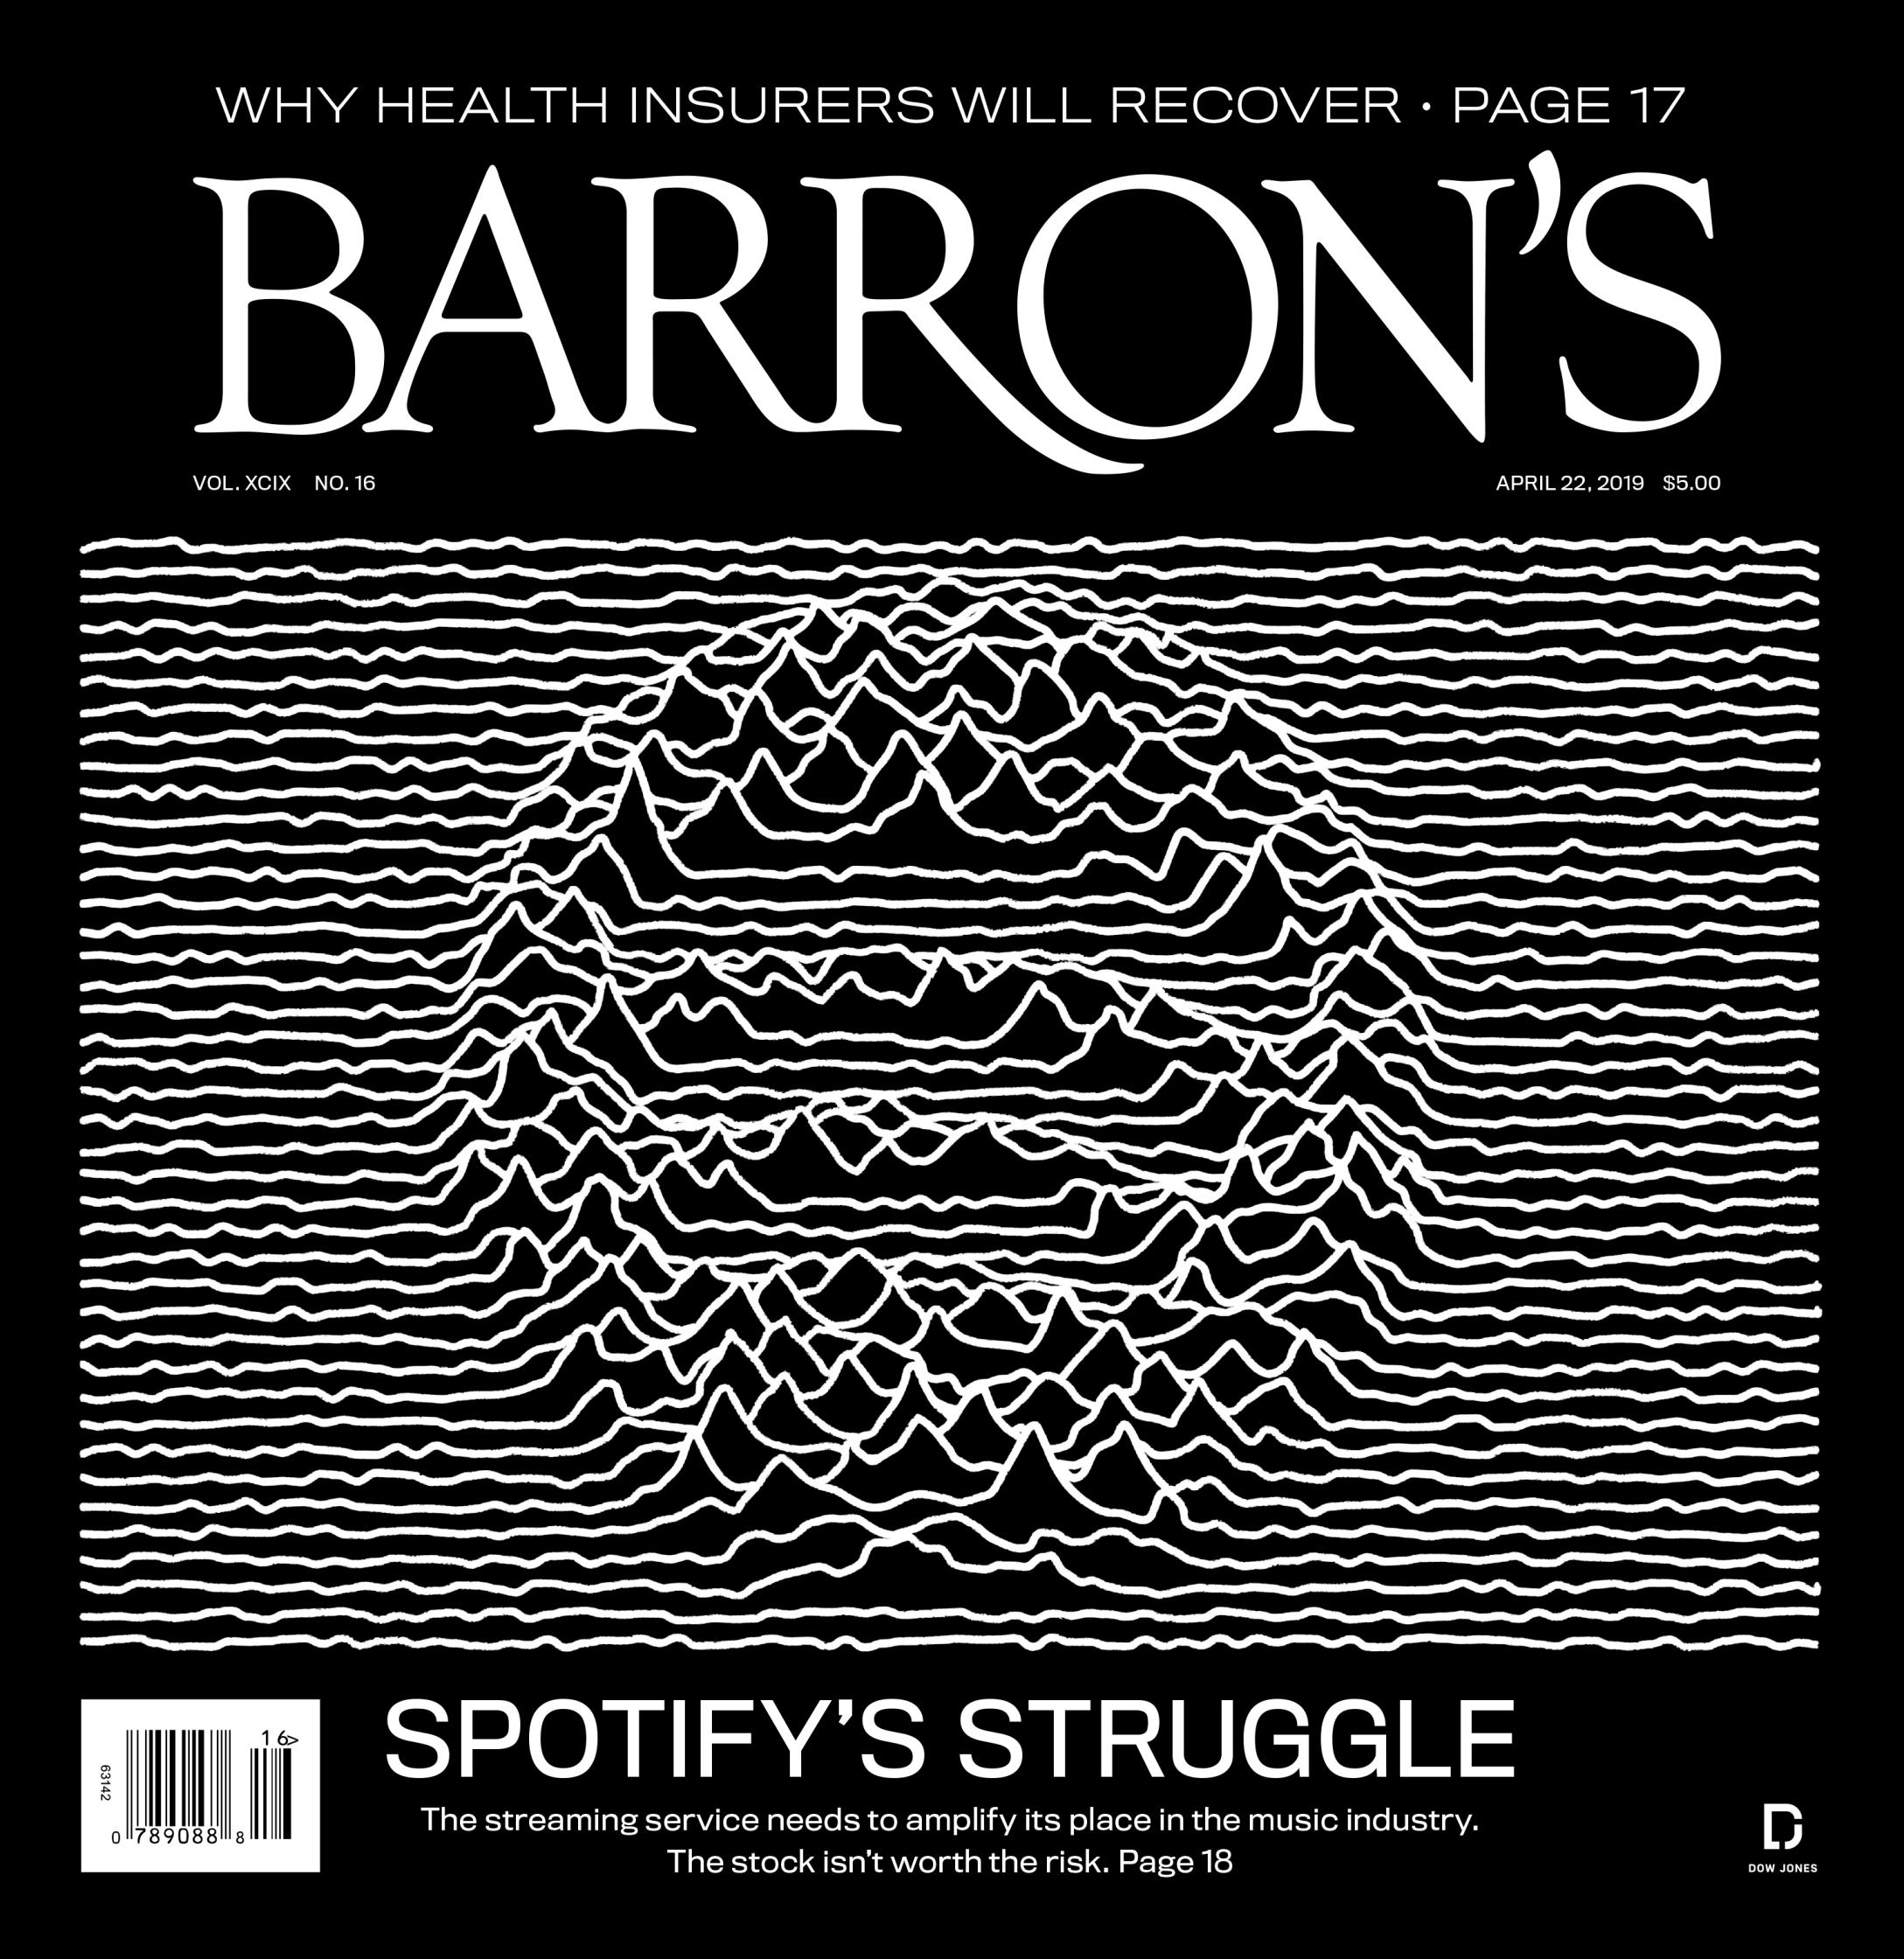 Barrons_Spotisfy_Cover.jpg